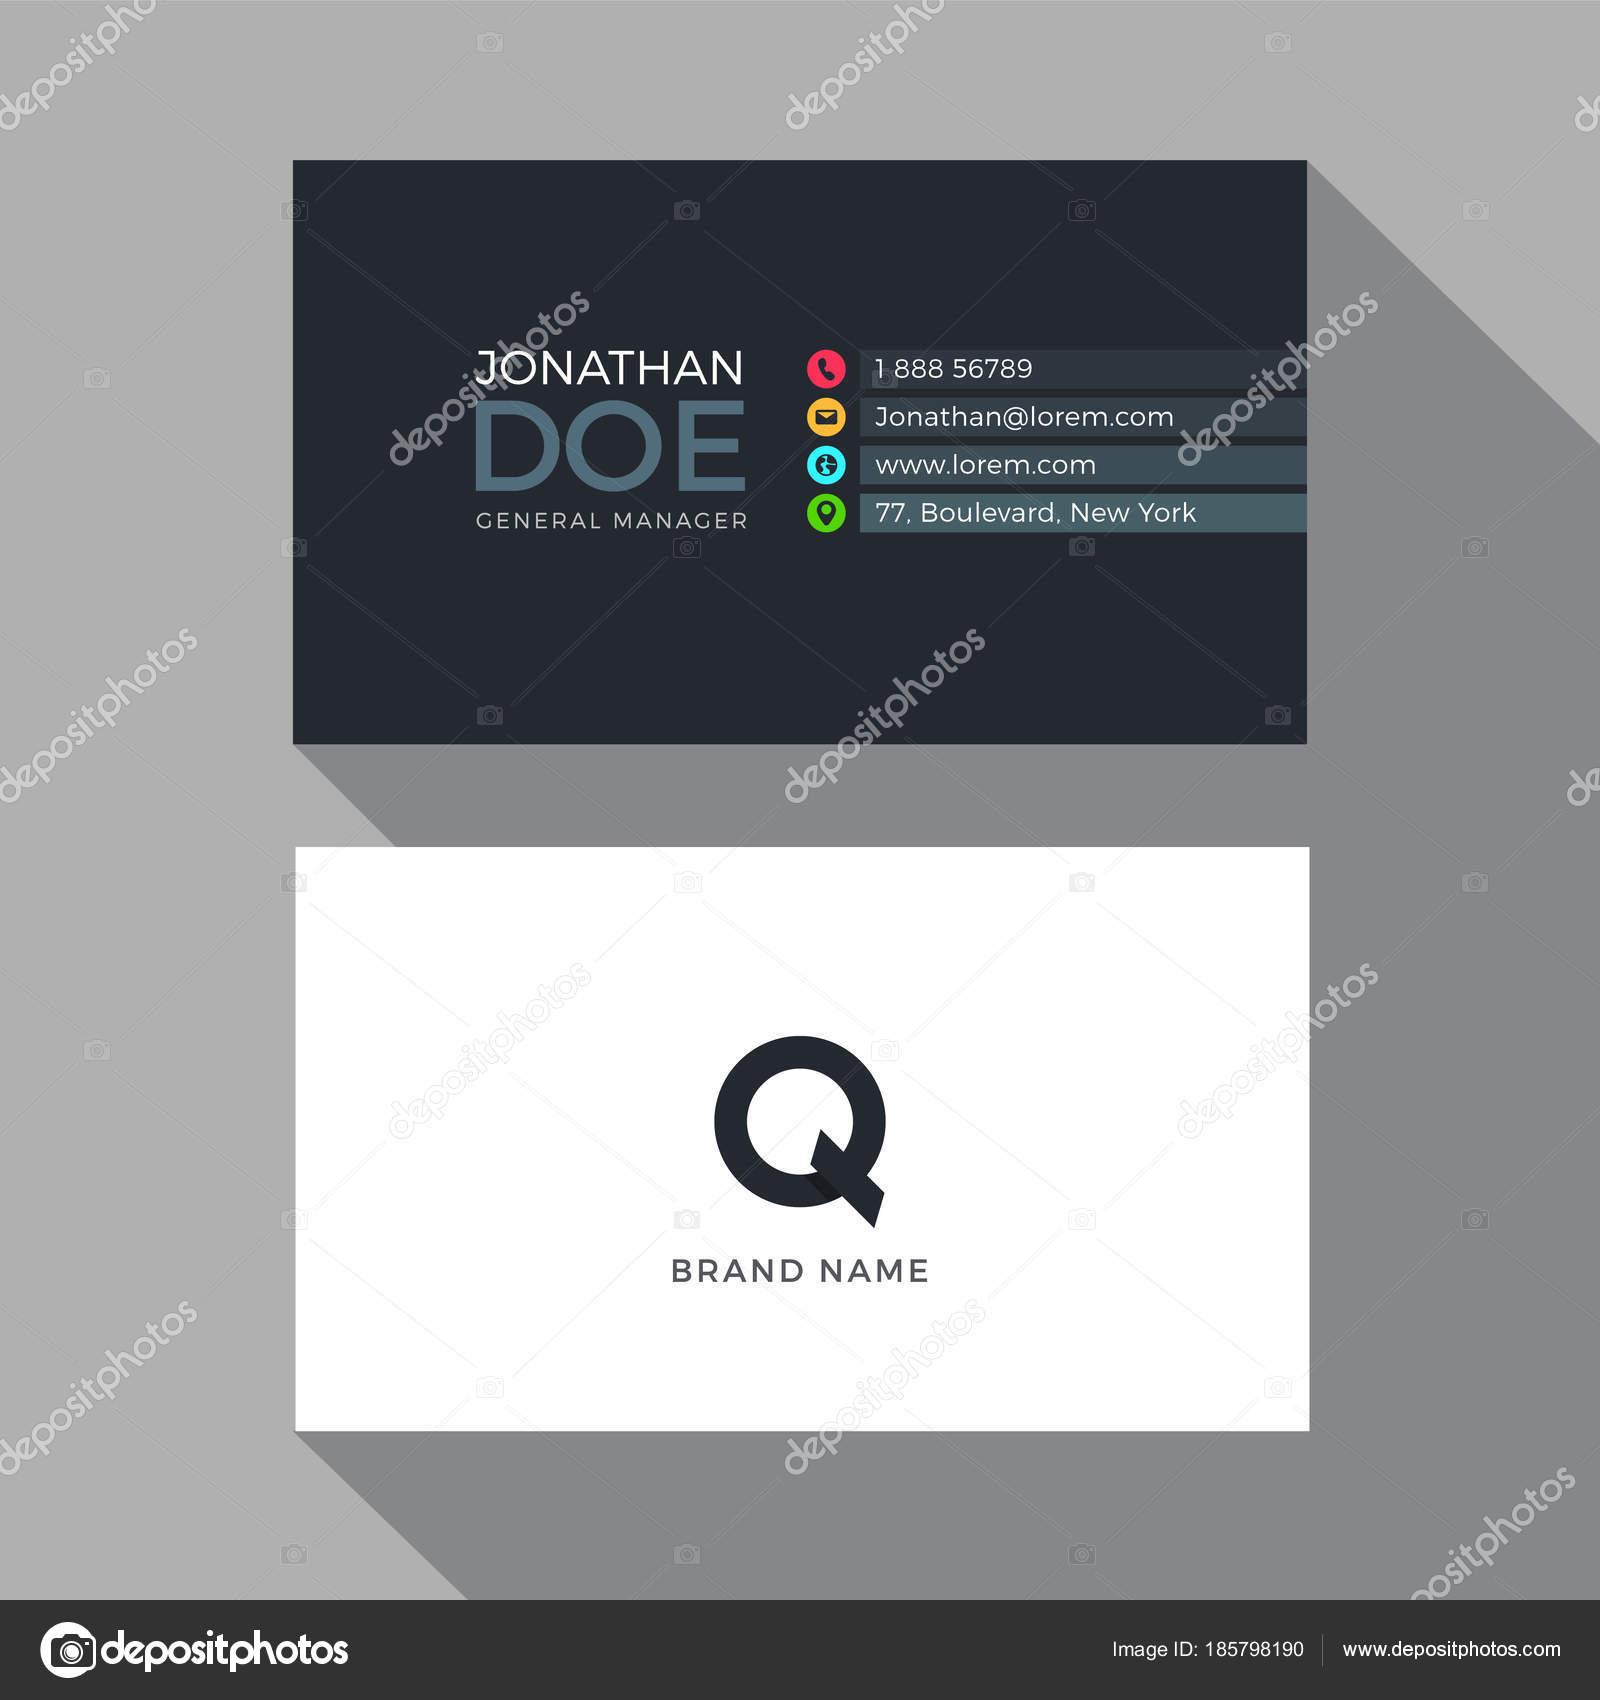 Plantilla Diseño Tarjeta Visita Moderno Alfabeto Letra — Archivo ...